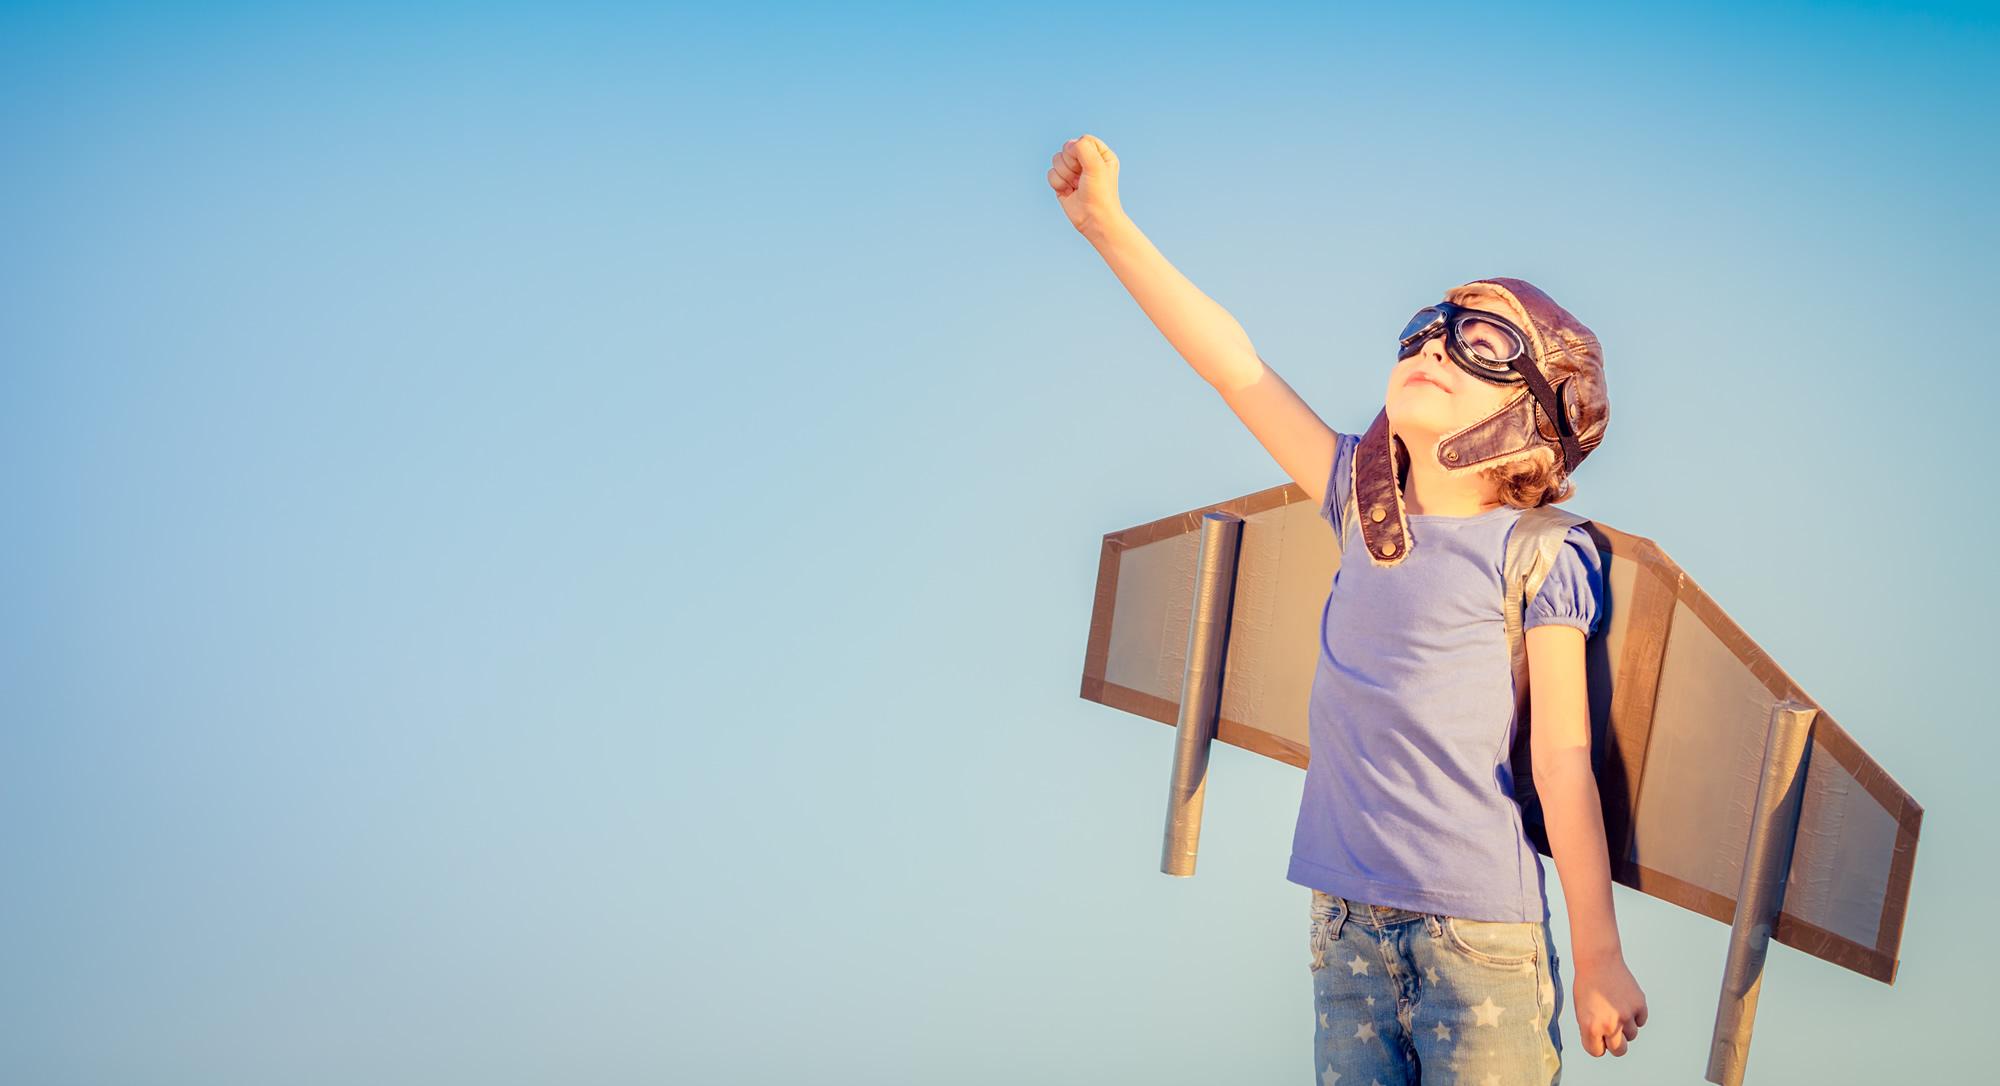 Bạn Có Đang Bỏ Lỡ 13 Điều Dưới Đây Trong Những Năm Tháng Tuổi Trẻ Của Bạn?